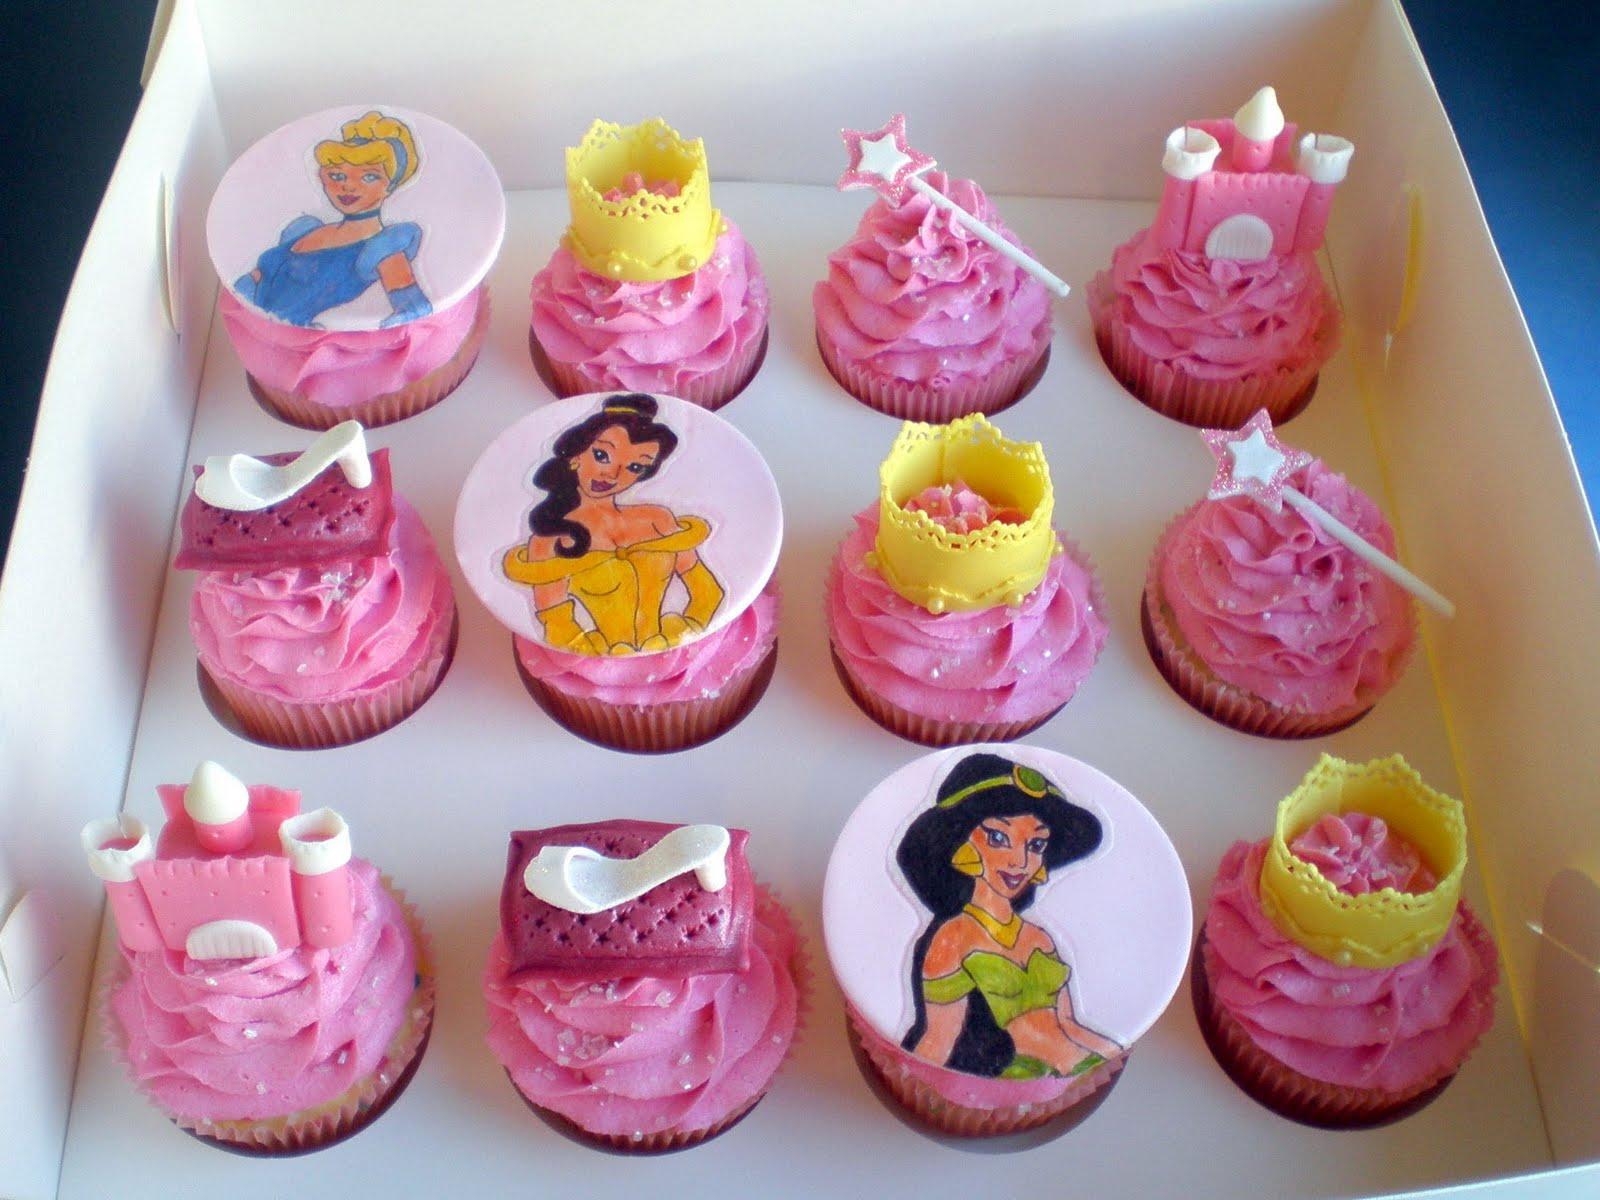 Cupcakes+-+Princess+02.jpg